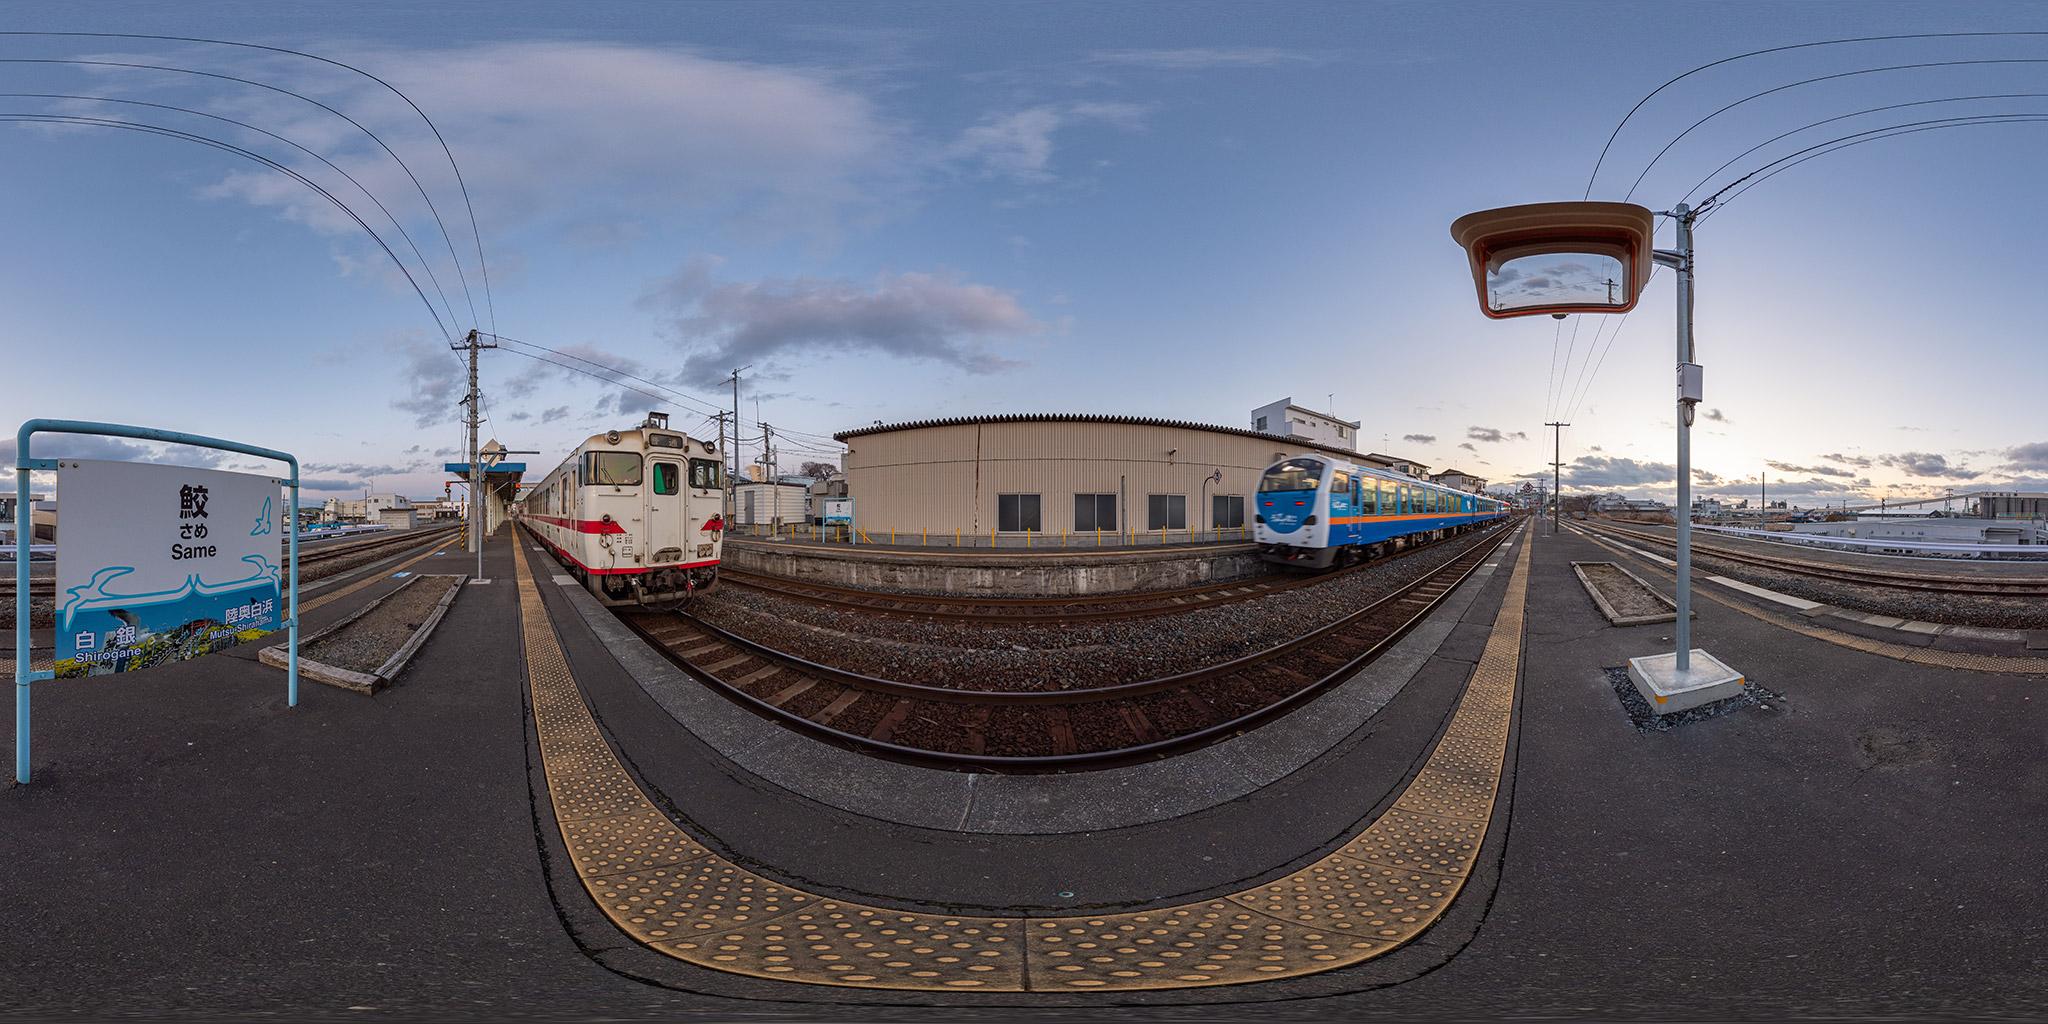 八戸線鮫駅で交換するキハ40 588 - キハ40 525と「リゾートうみねこ」